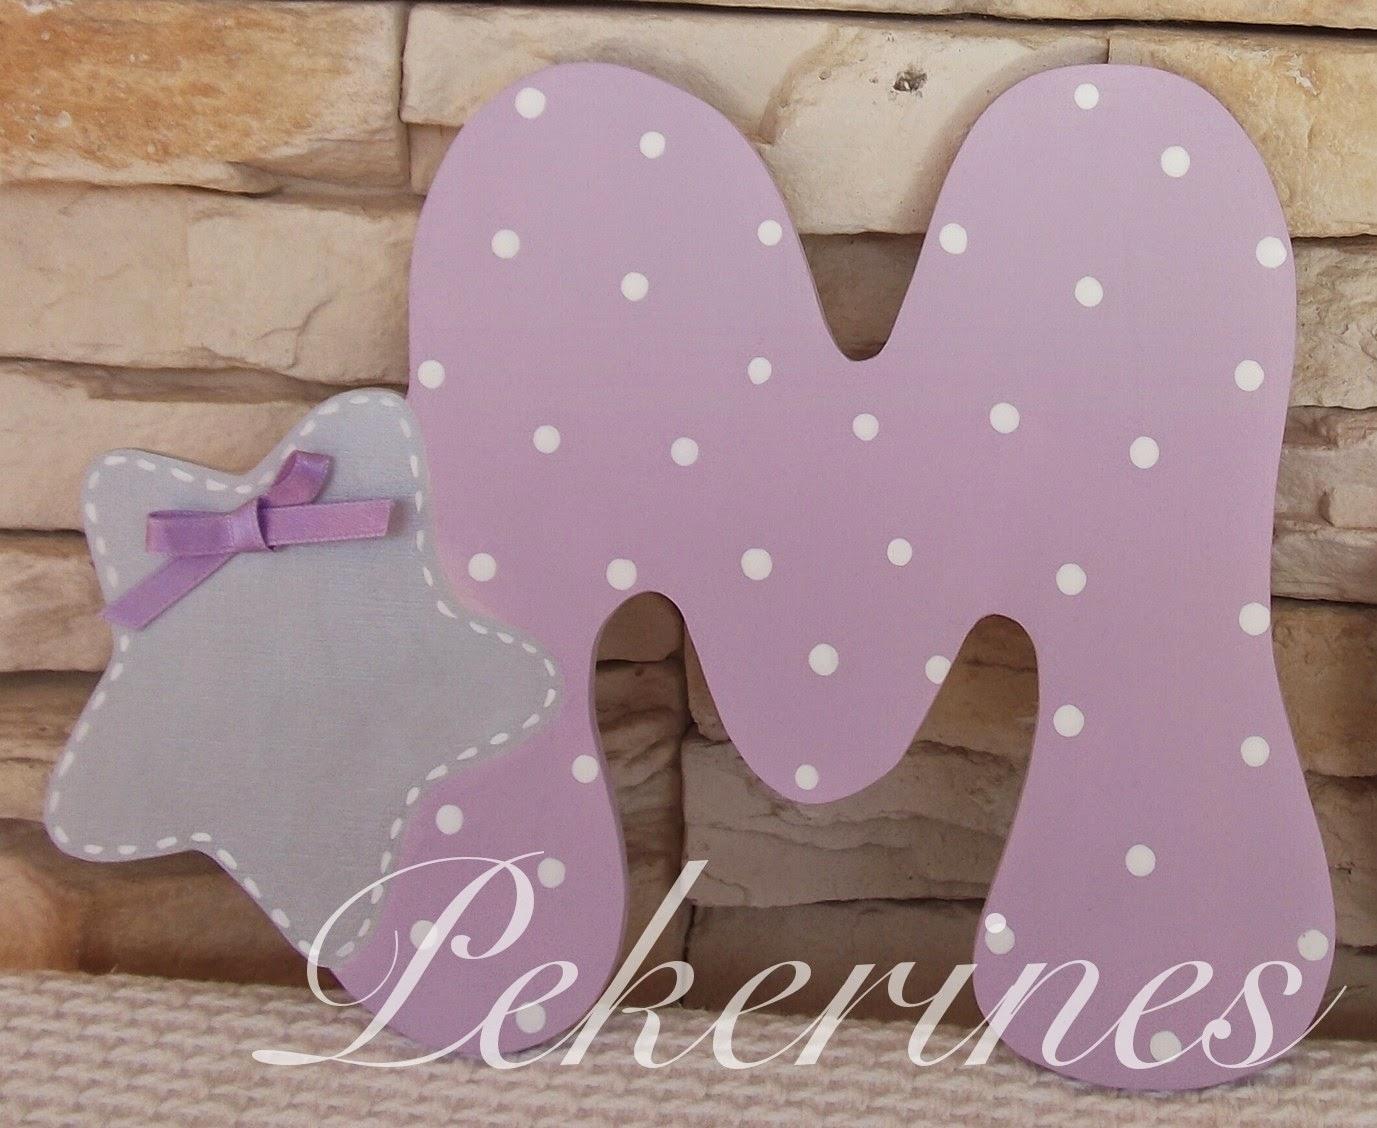 Decoraci n infantil pekerines letras iniciales de madera - Letras para habitaciones infantiles ...